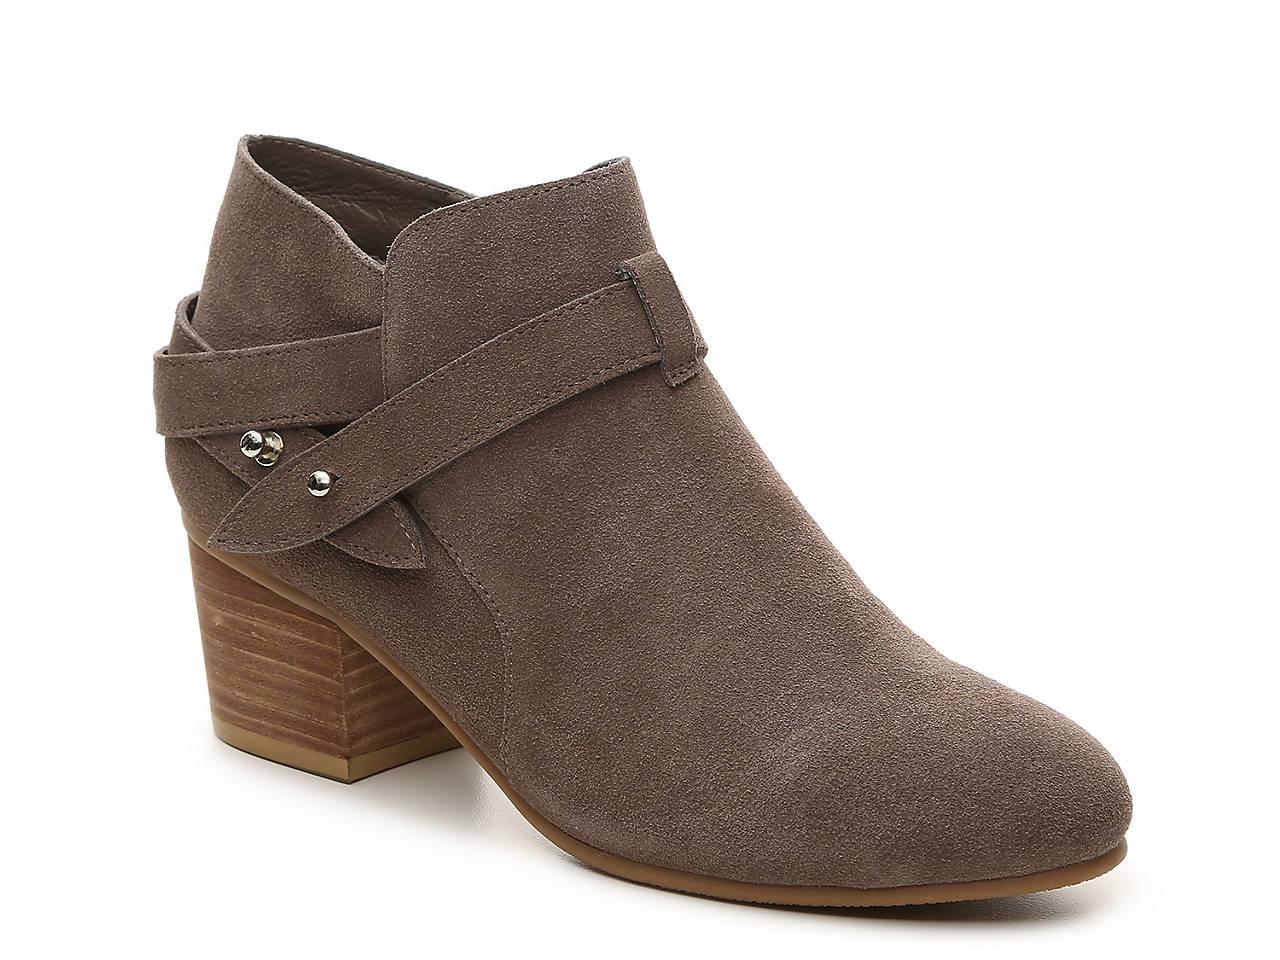 Crown Vintage UPTOWN Womens Boots Black SUEDE 7  US / 5 UK